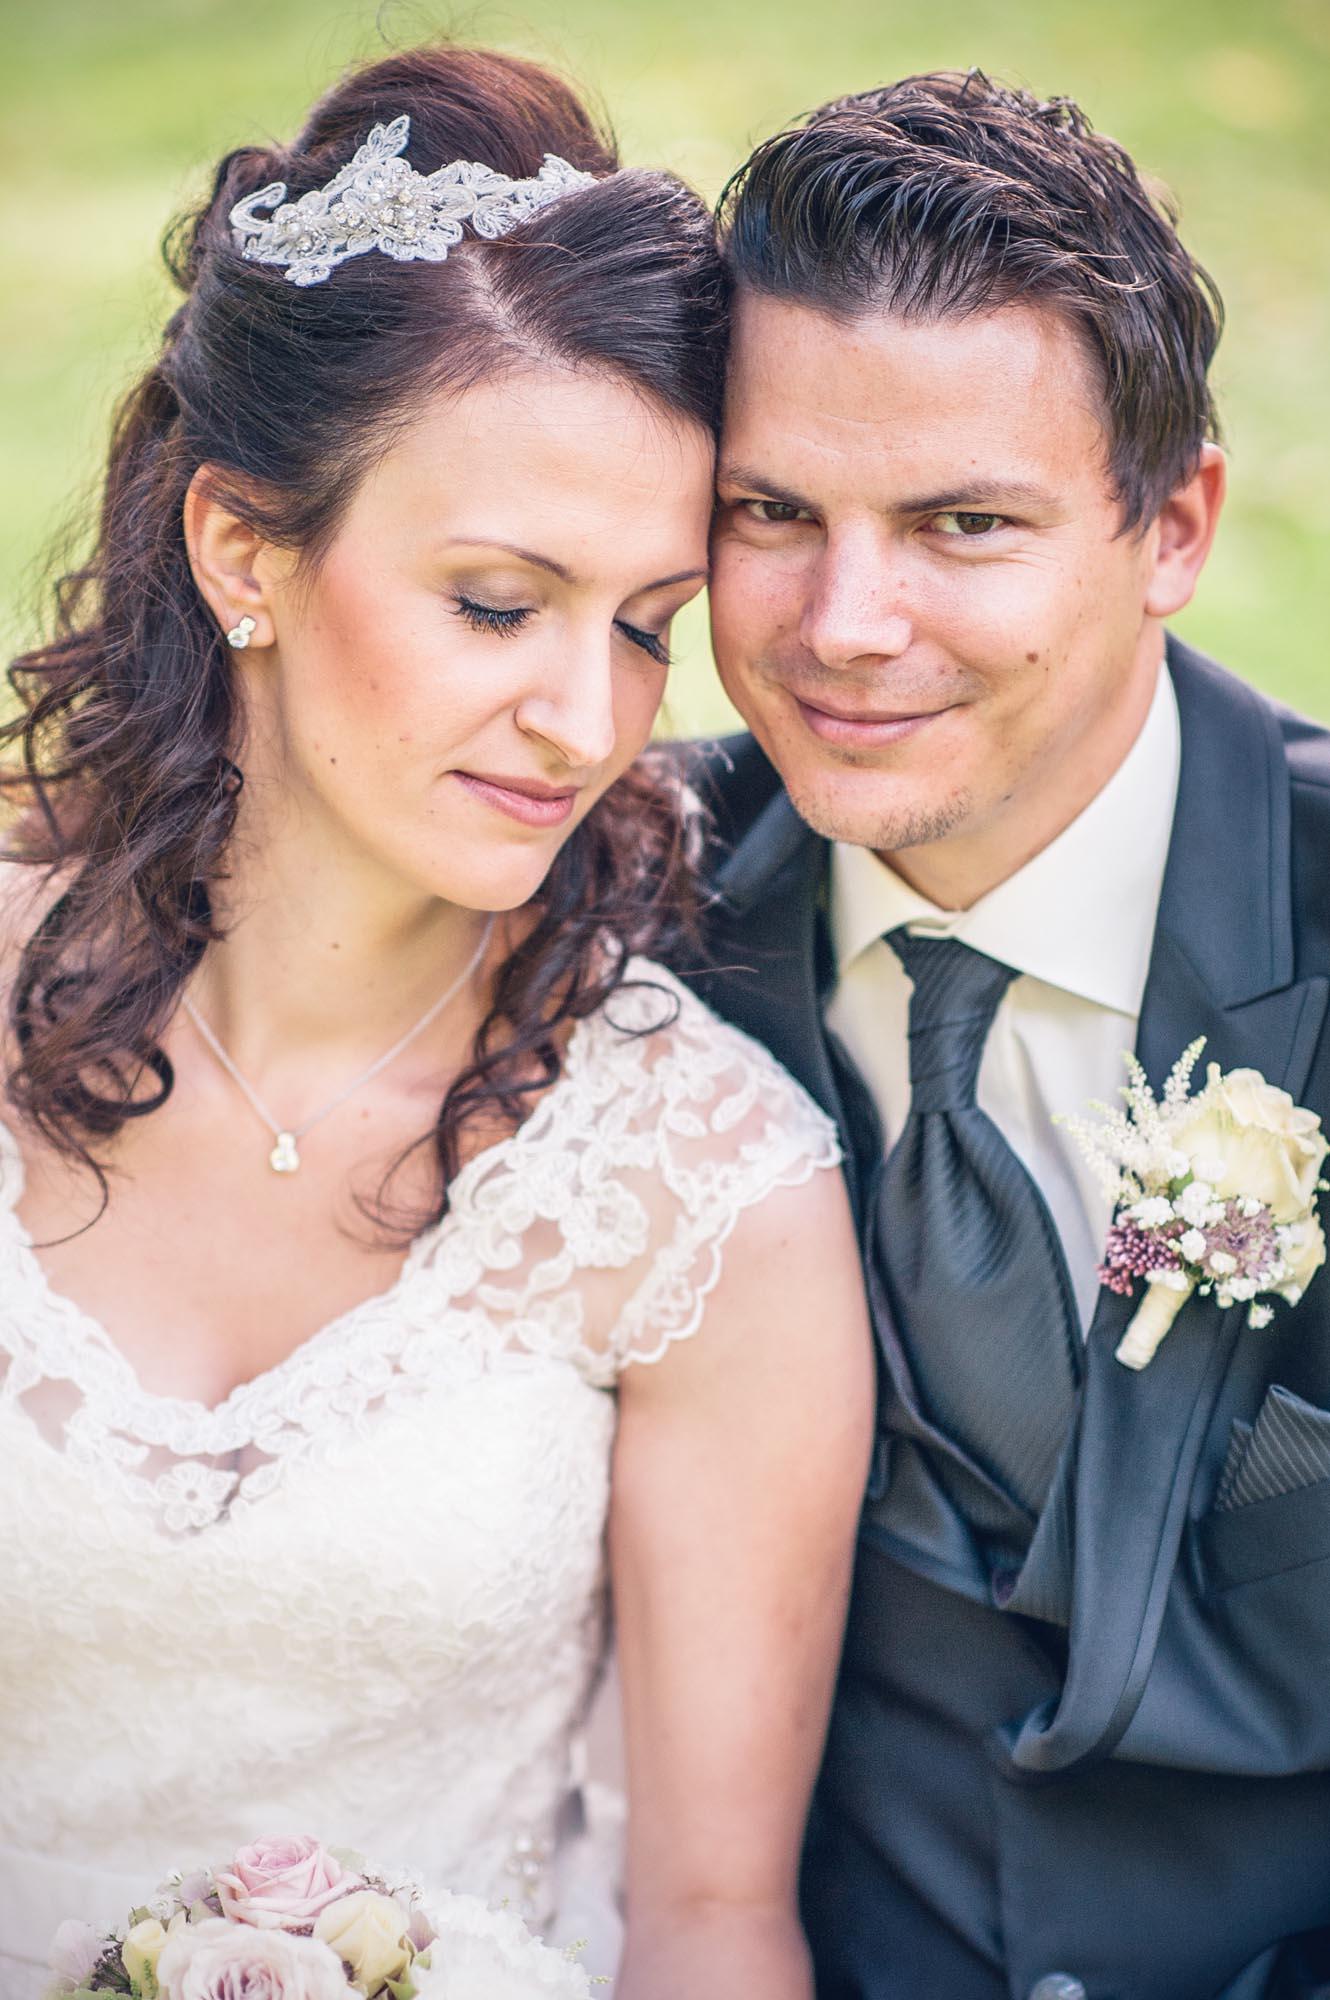 Erding_Hochzeitsfotos